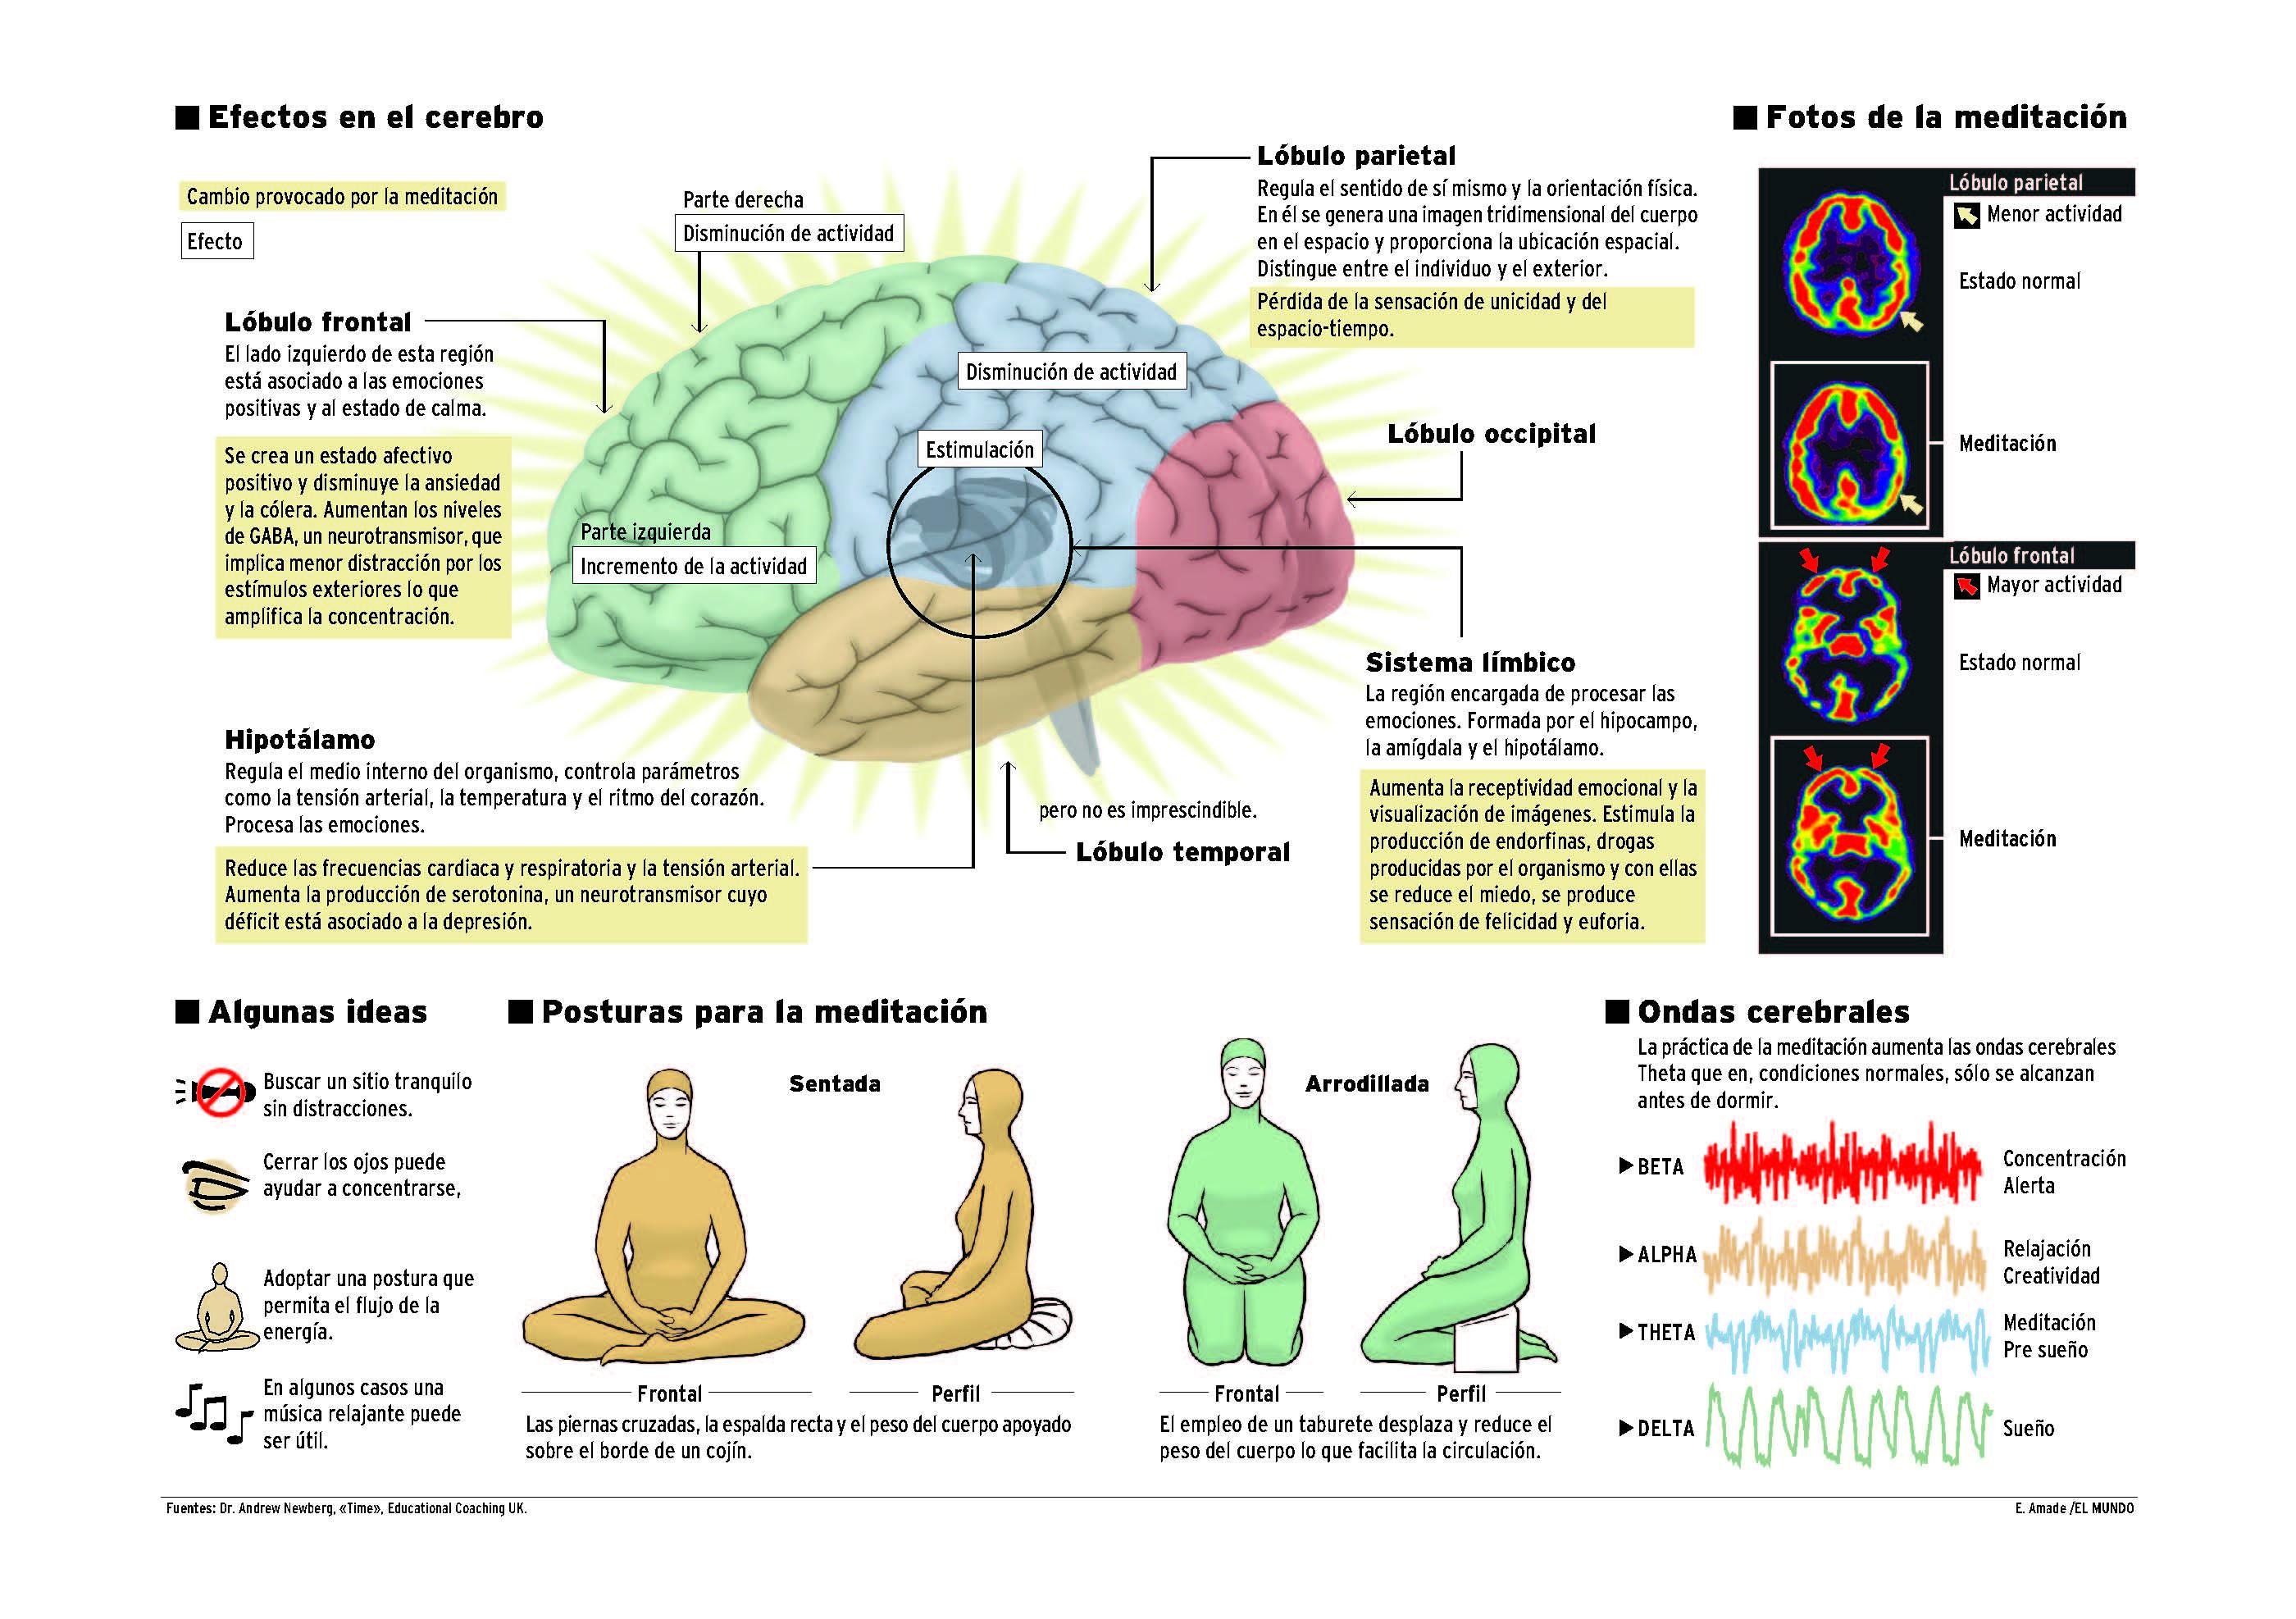 Meditación y sus efectos en el cerebro